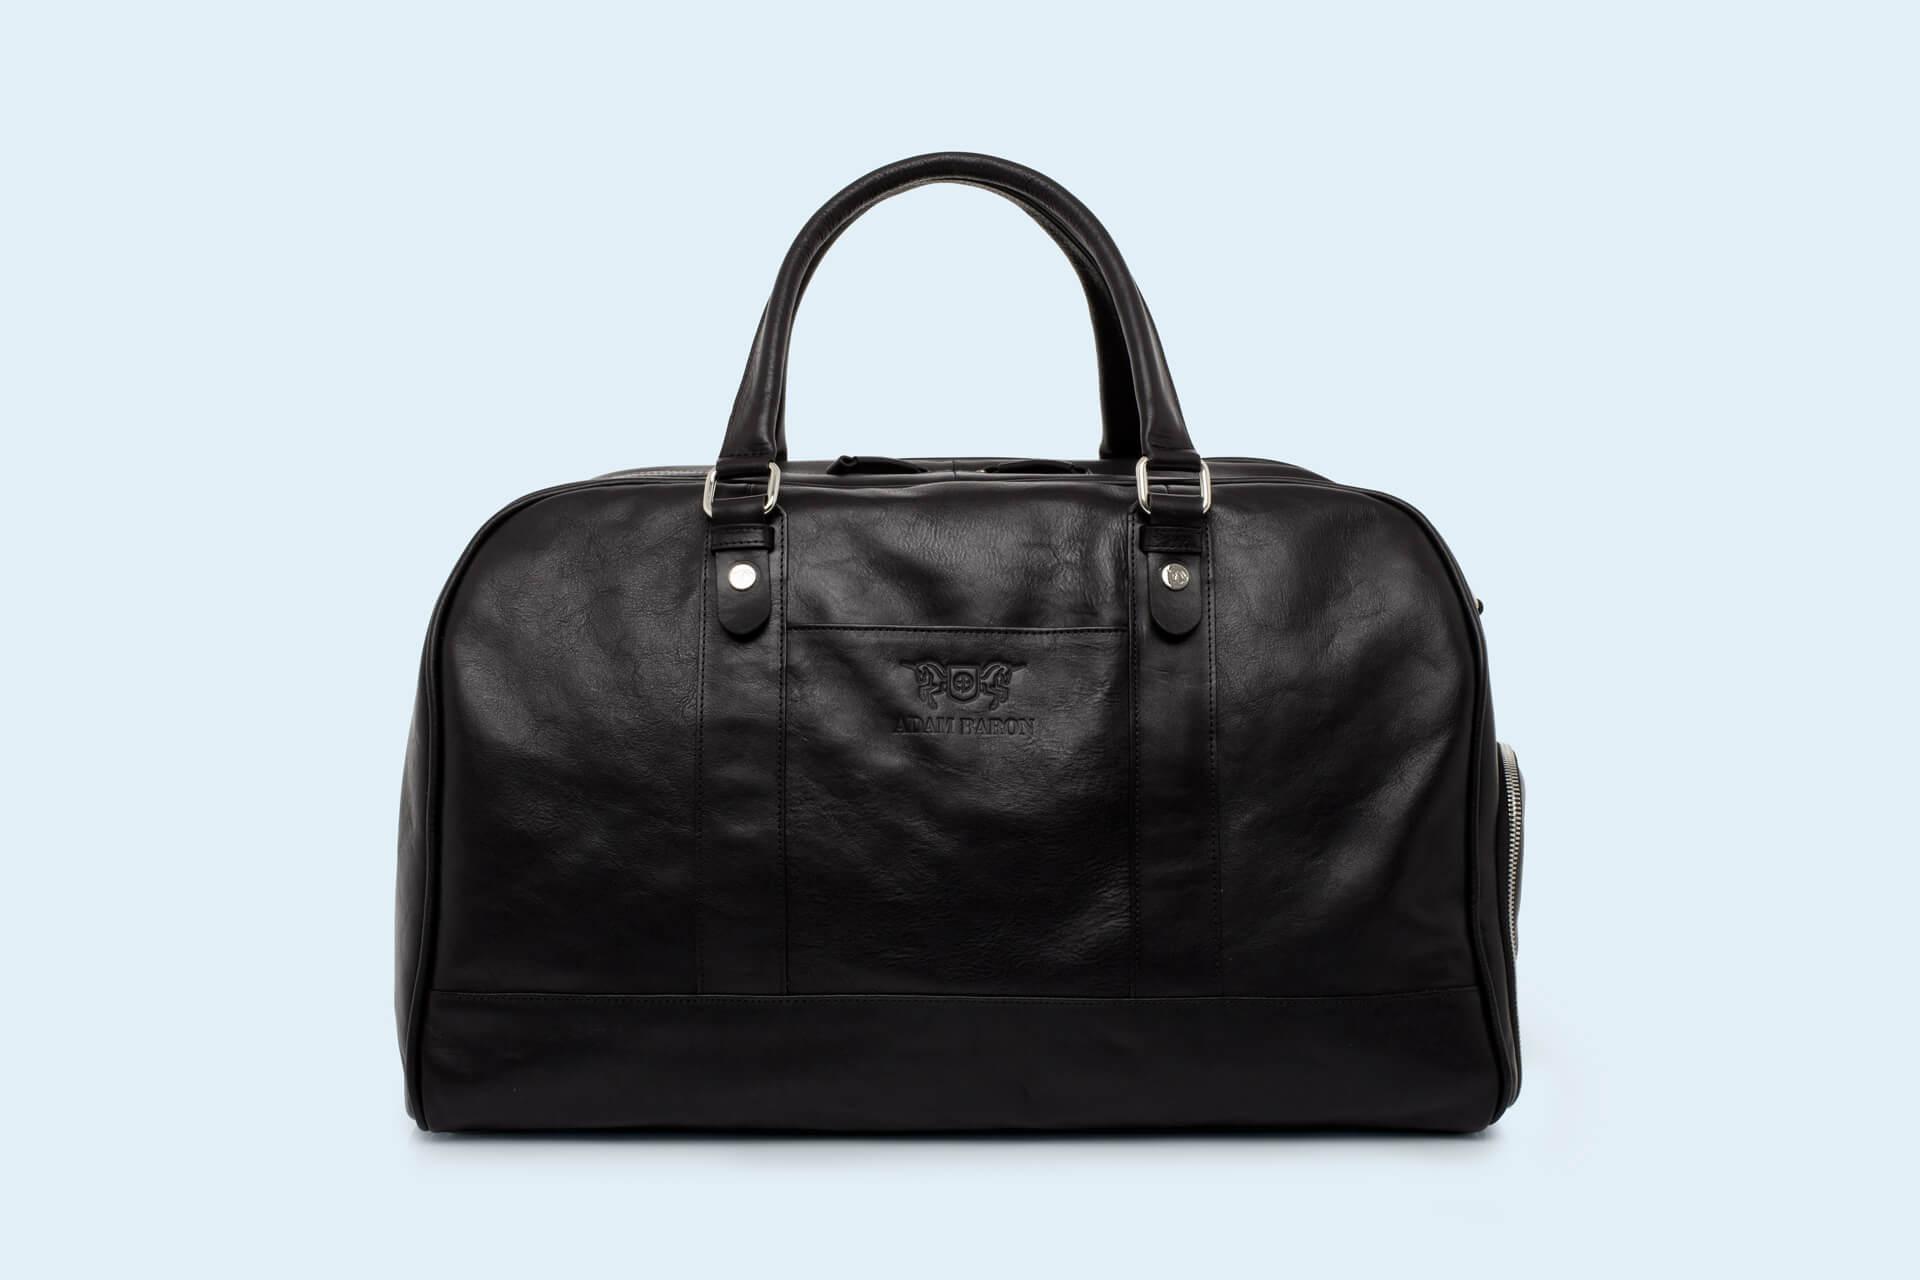 a5bbbb577e6b8 Skórzana torba podróżna - Verity Weekend black   ADAM BARON